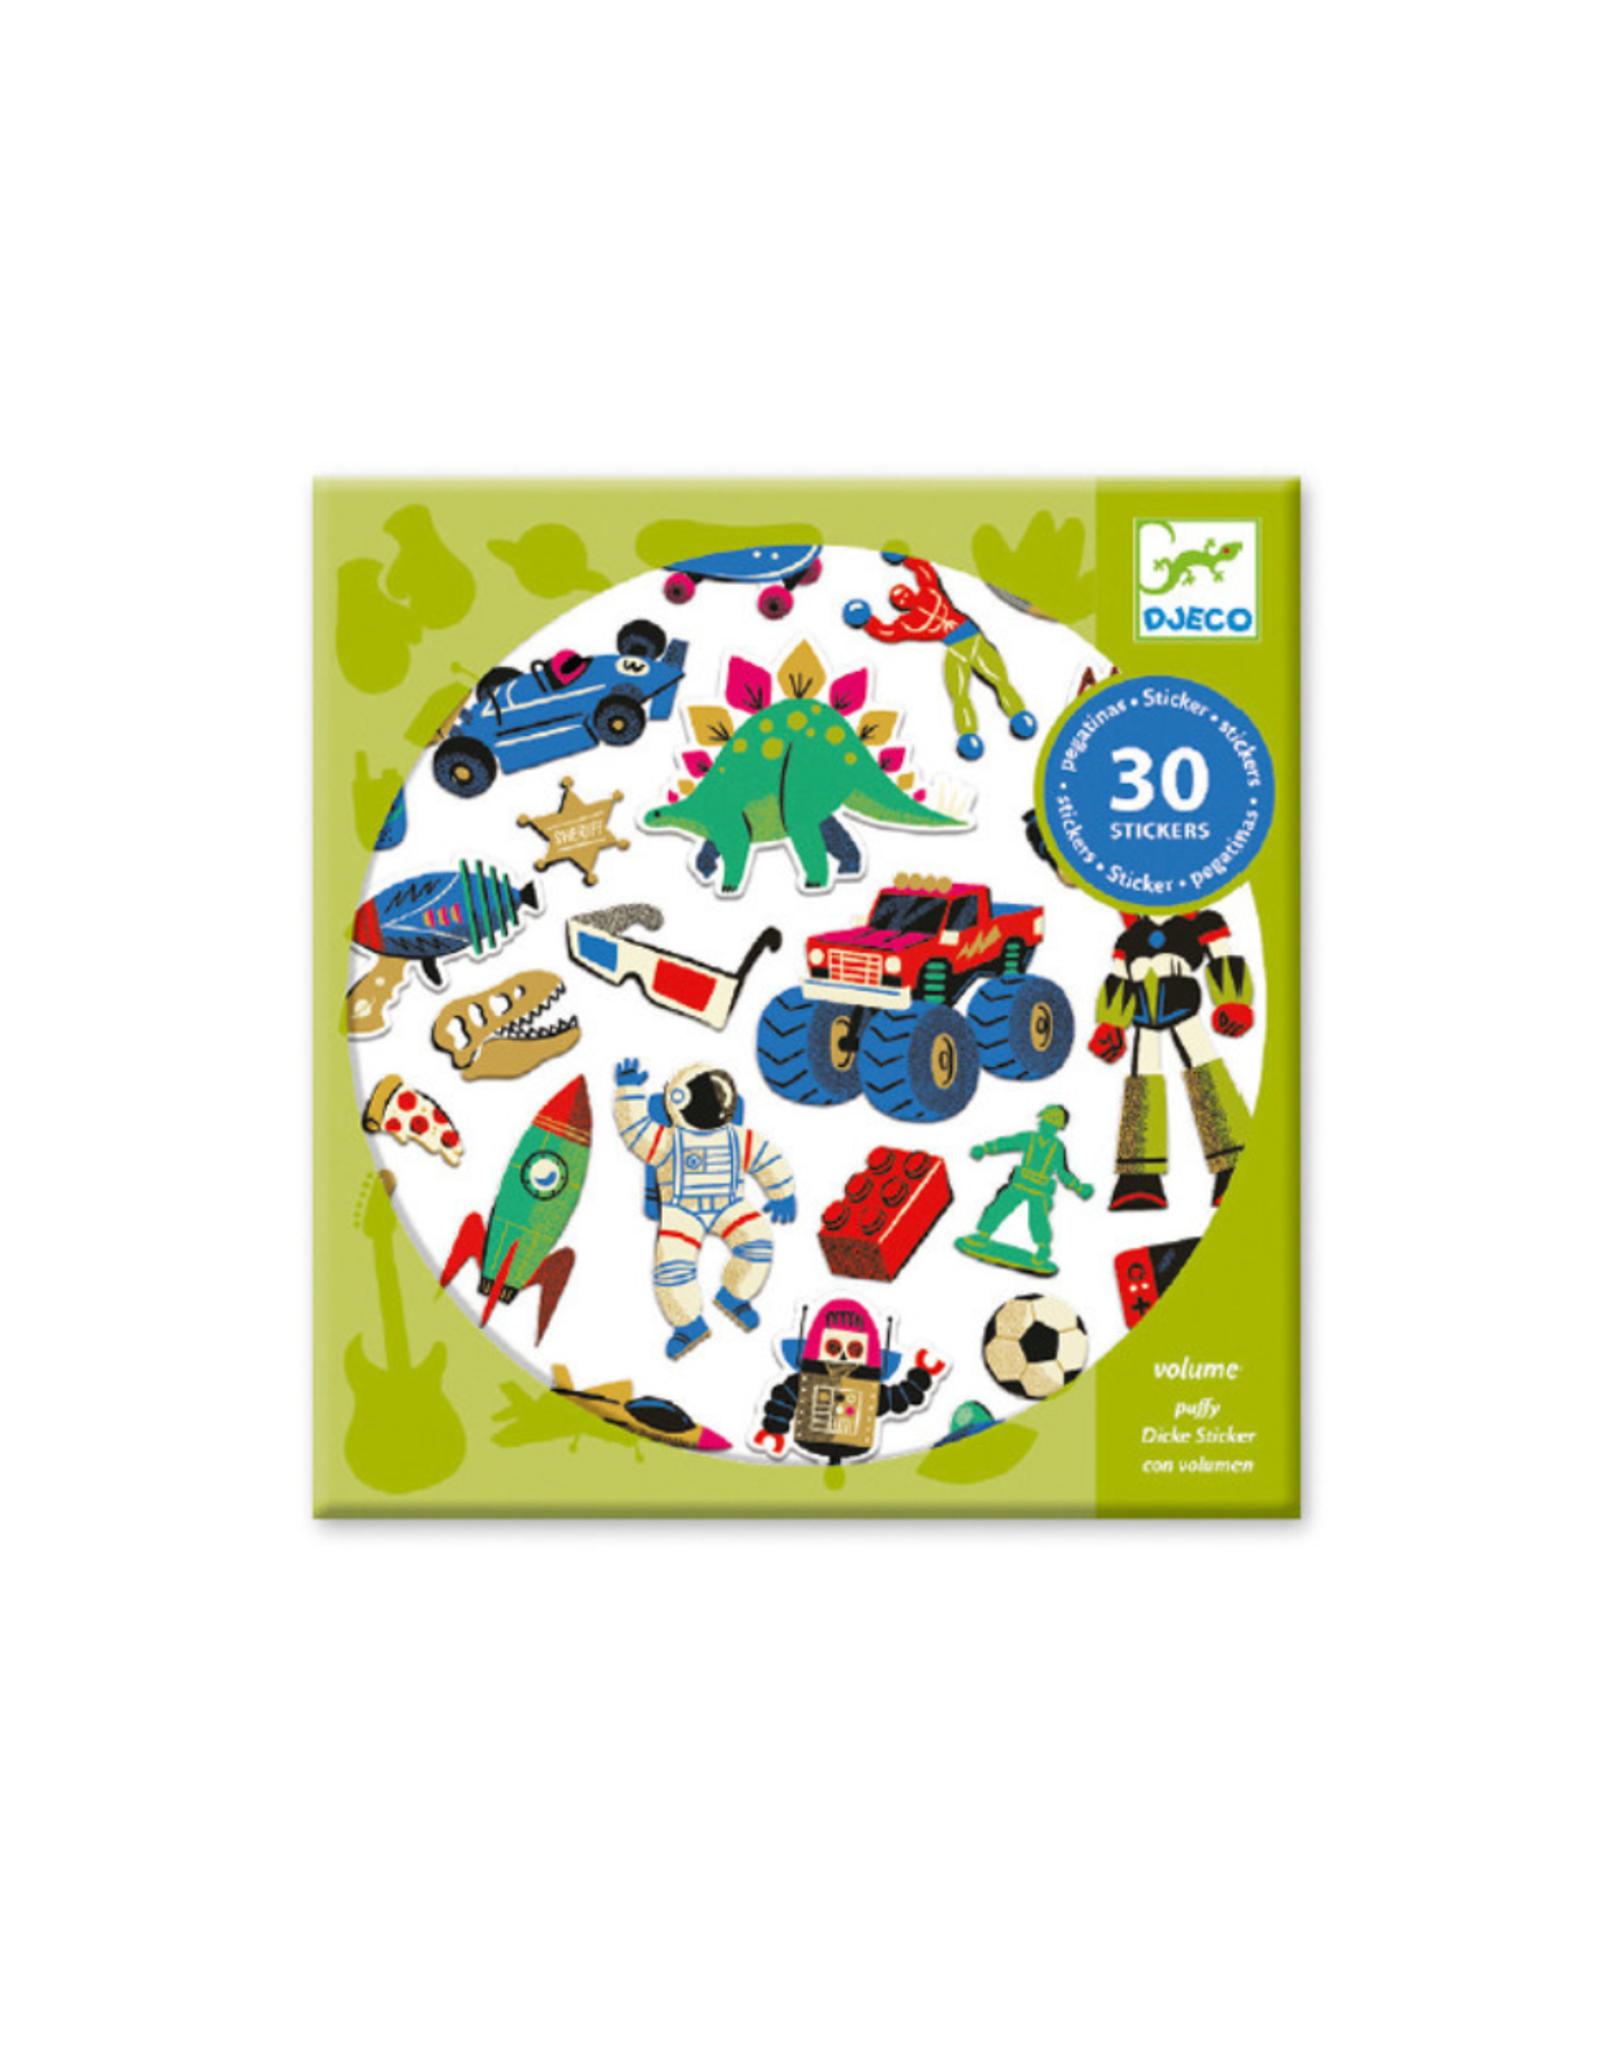 Djeco Retro Toys Stickers